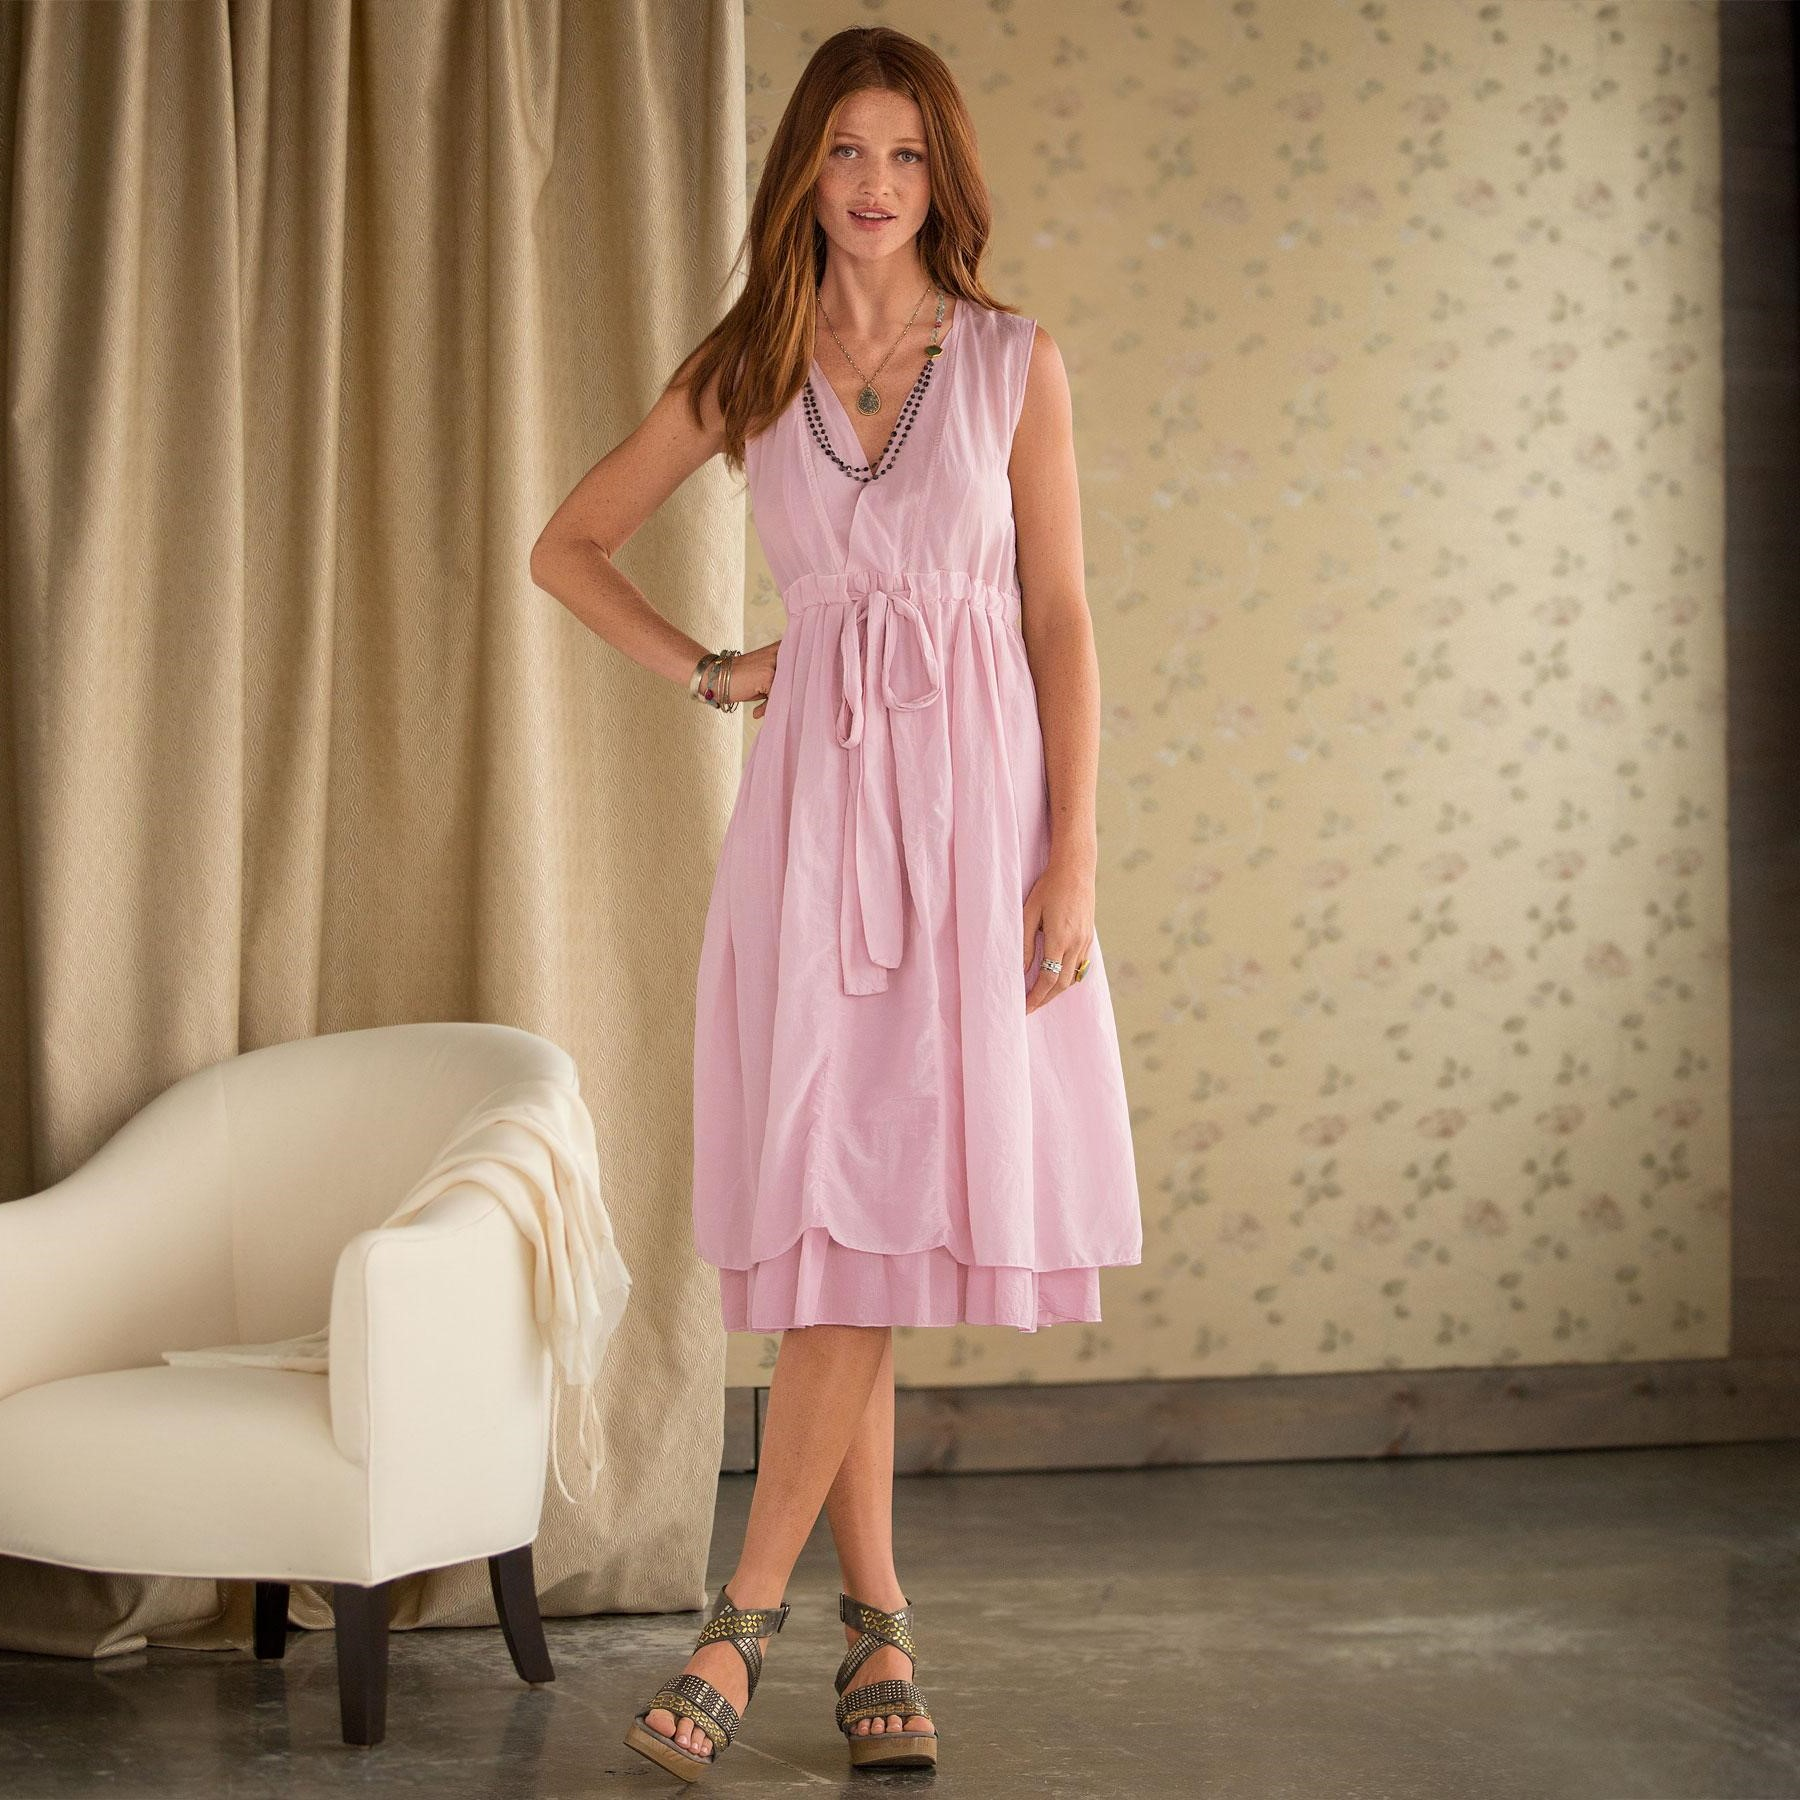 Évitez les tissus froids comme le polyester qui donnent une sensation de froid au couleur lilac.